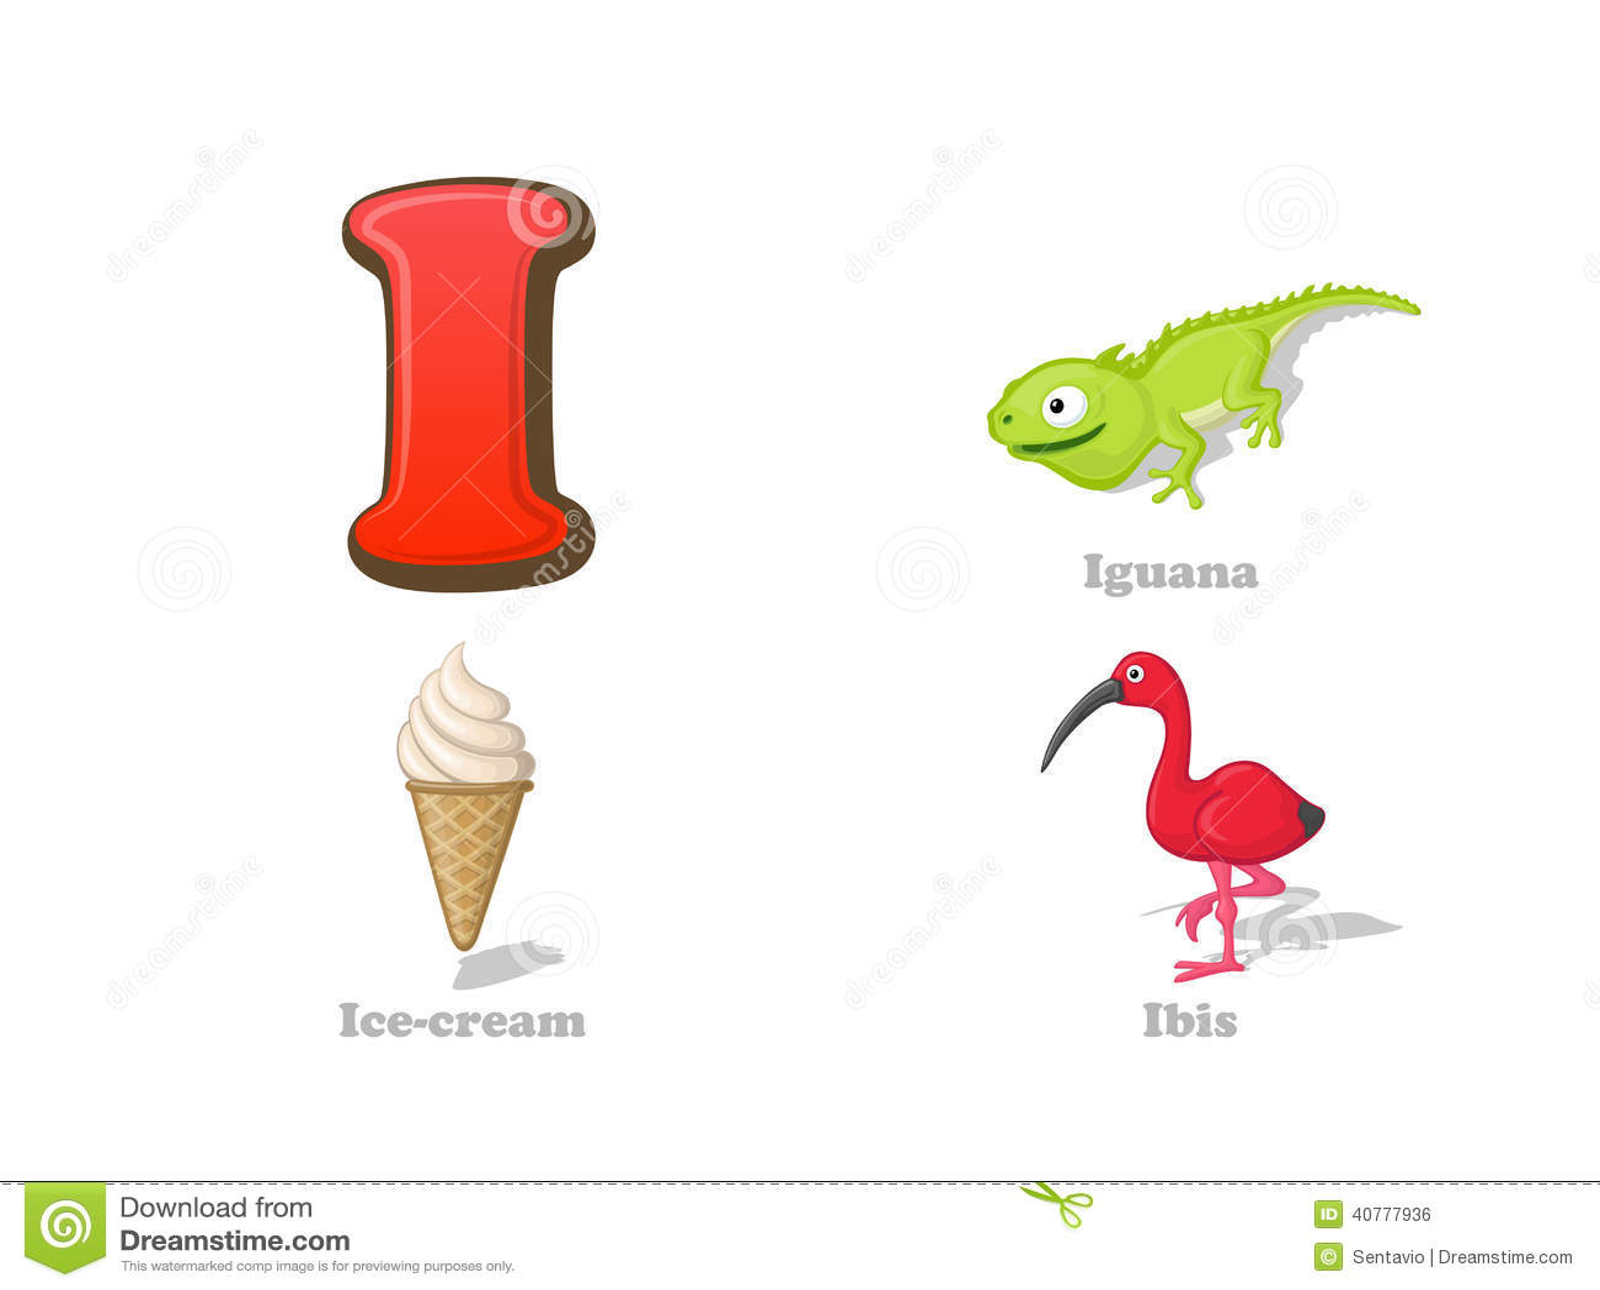 Abc Letter I Funny Kid Icons Set Iguana Ice Cream Ibis